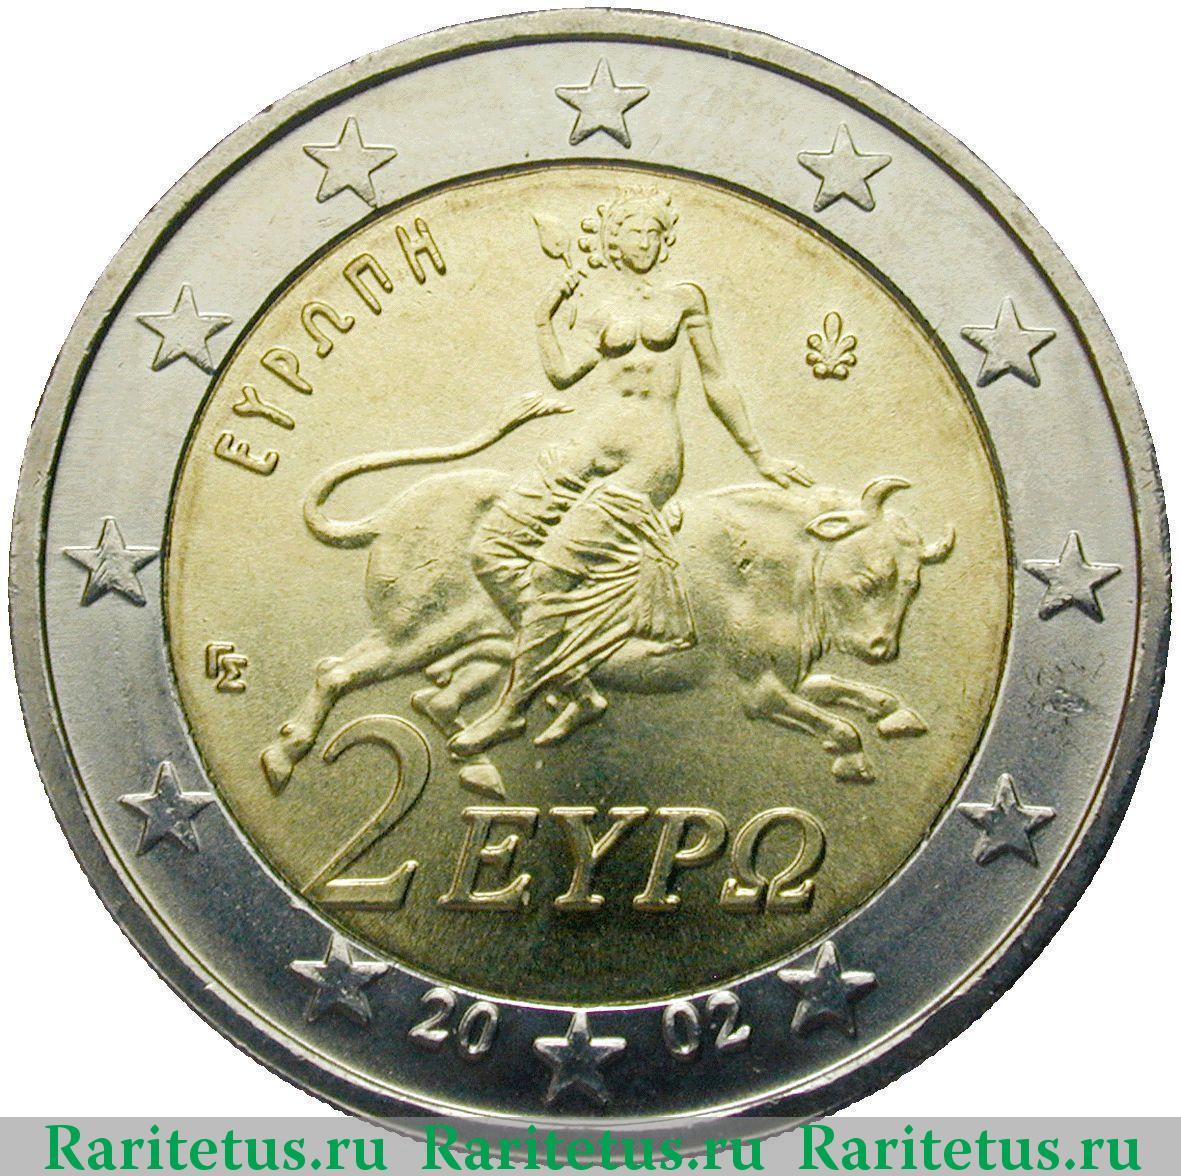 2 евро монеты юбилейные каталог и цены 10 рублей архангельская область 2007 цена